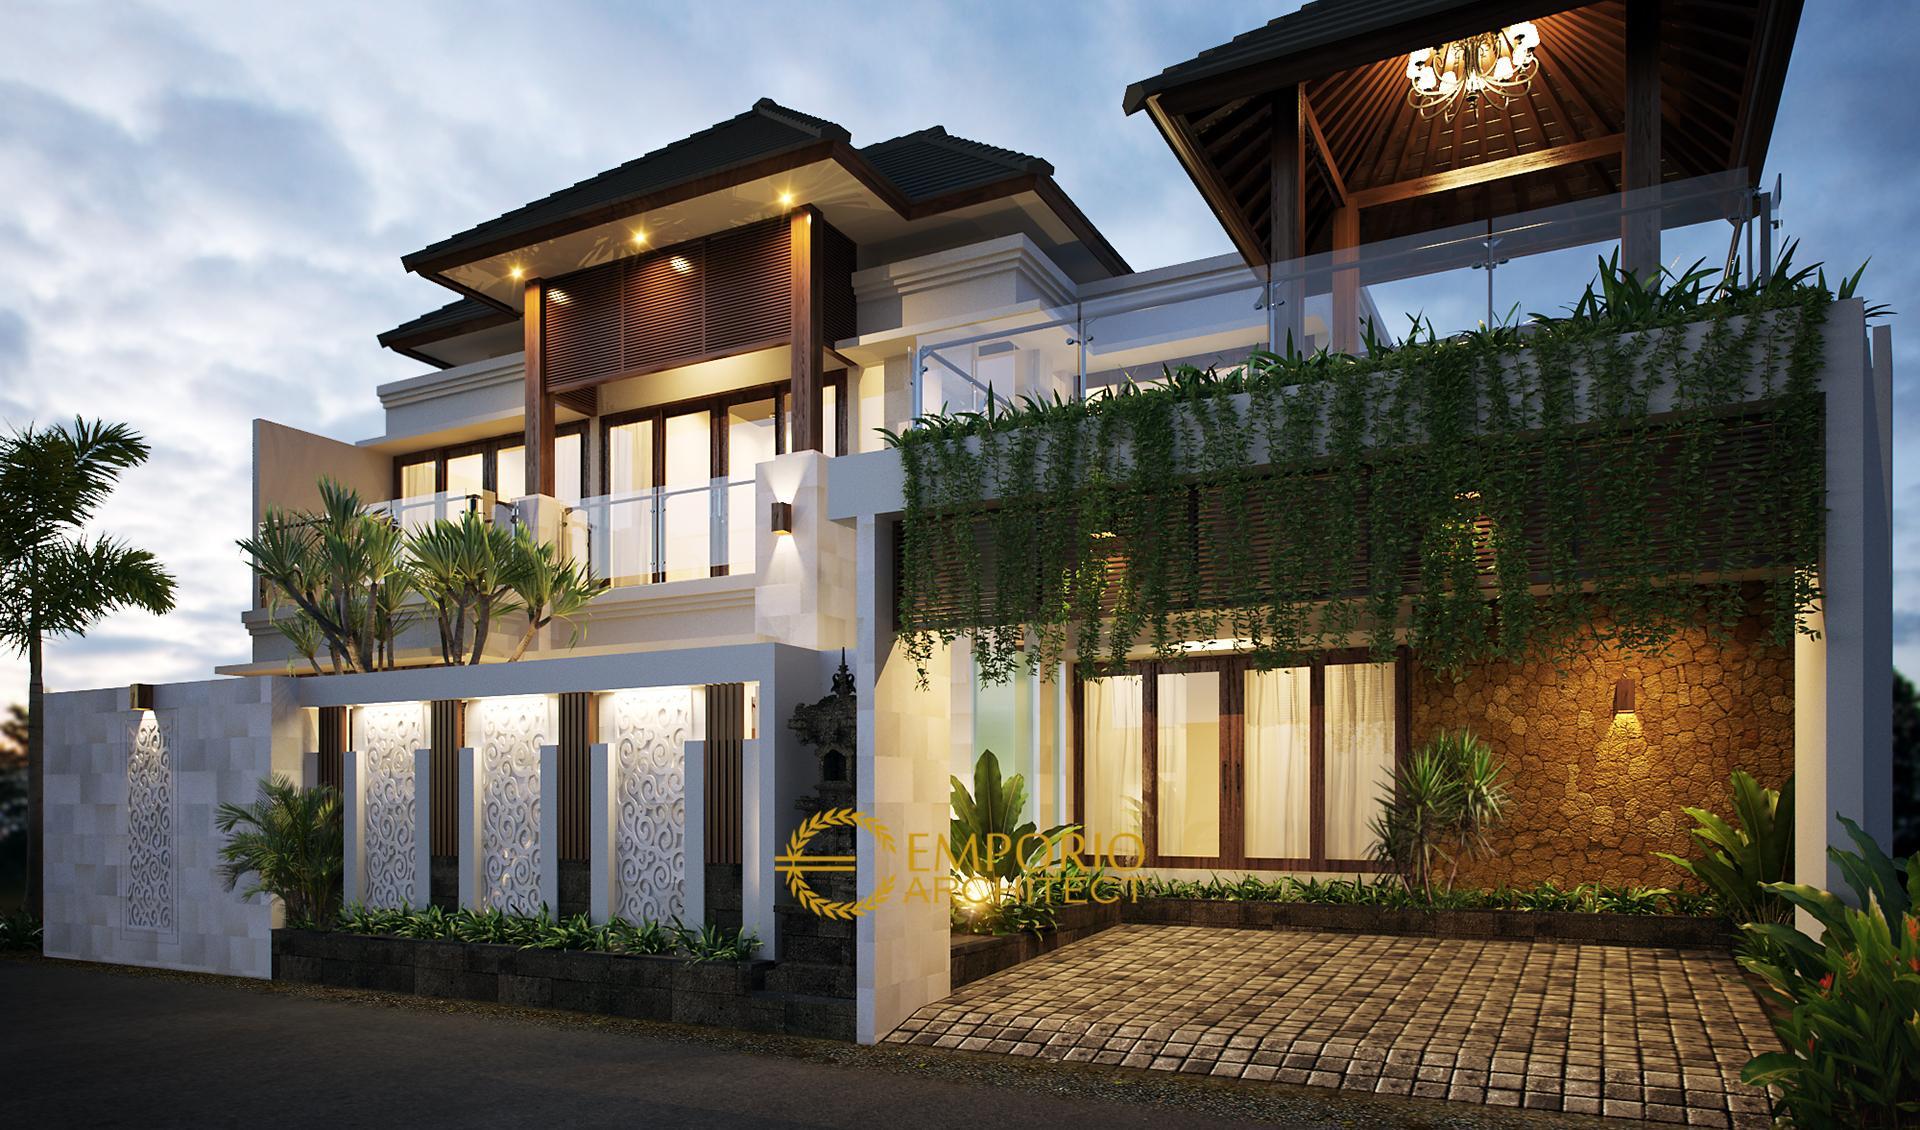 Desain Rumah Villa Bali 2 Lantai Bapak Ida Bagus Sindhu di  Singaraja, Bali